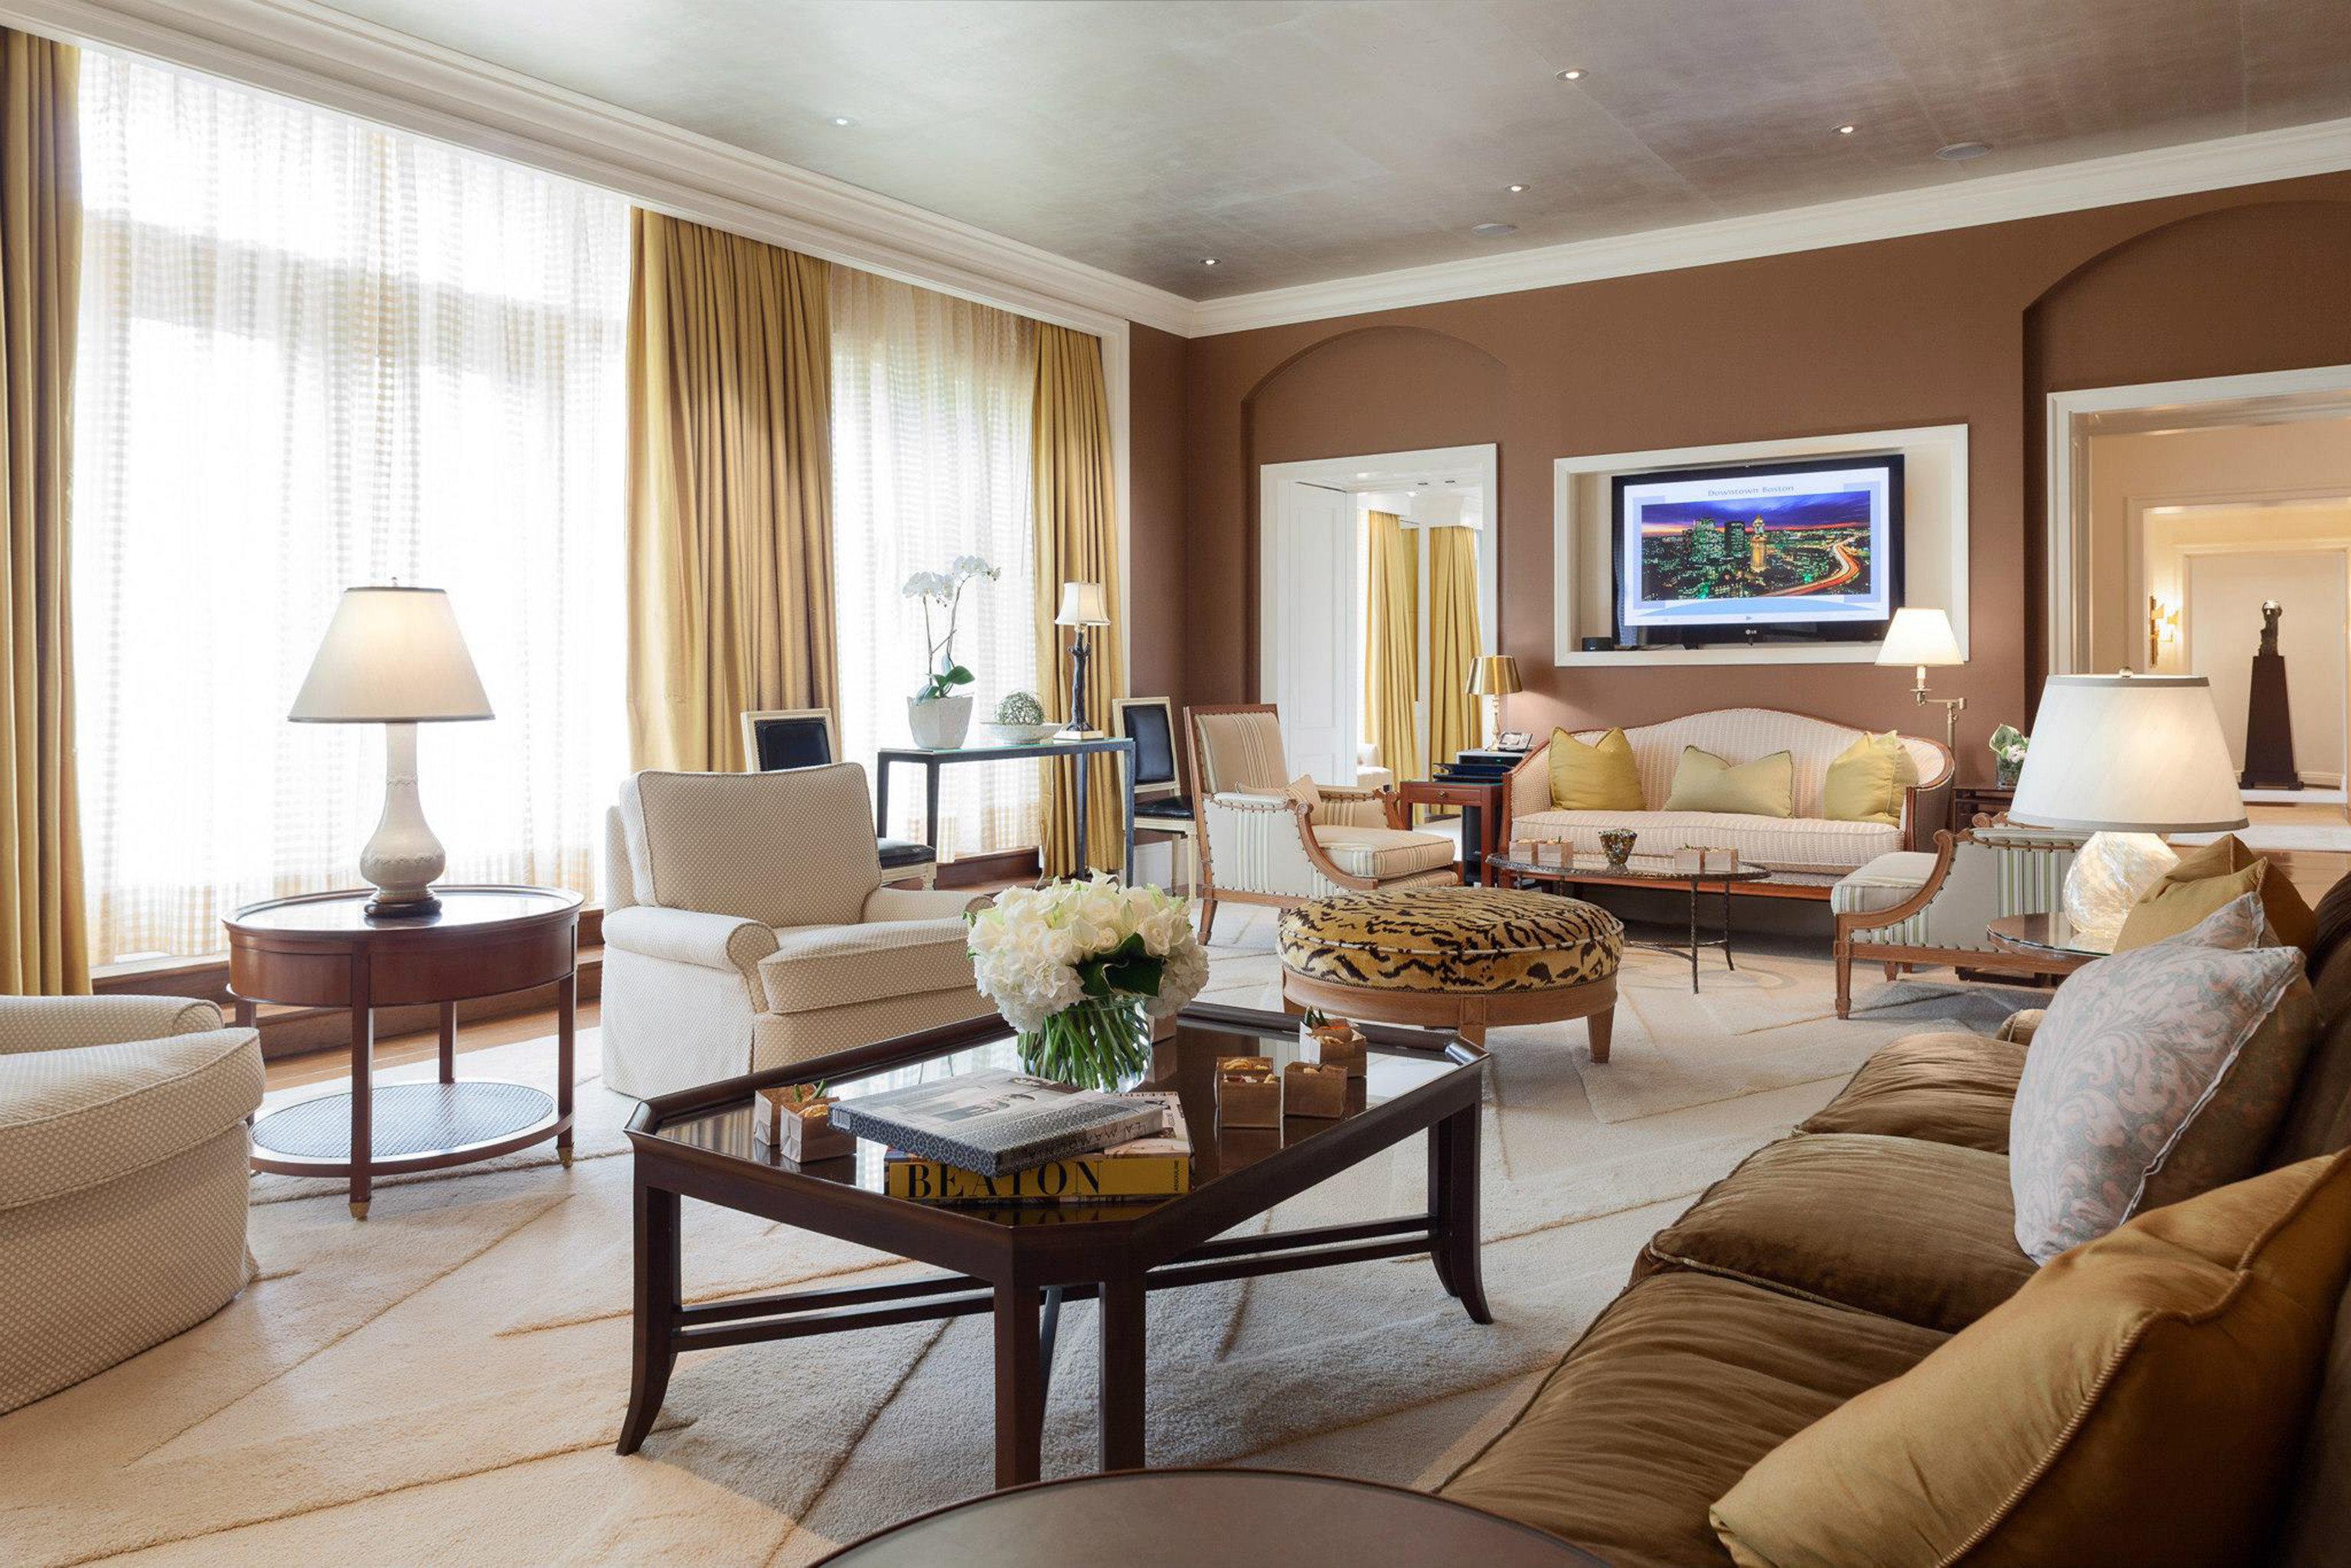 Elegant Lounge Luxury sofa living room property Suite home condominium hardwood